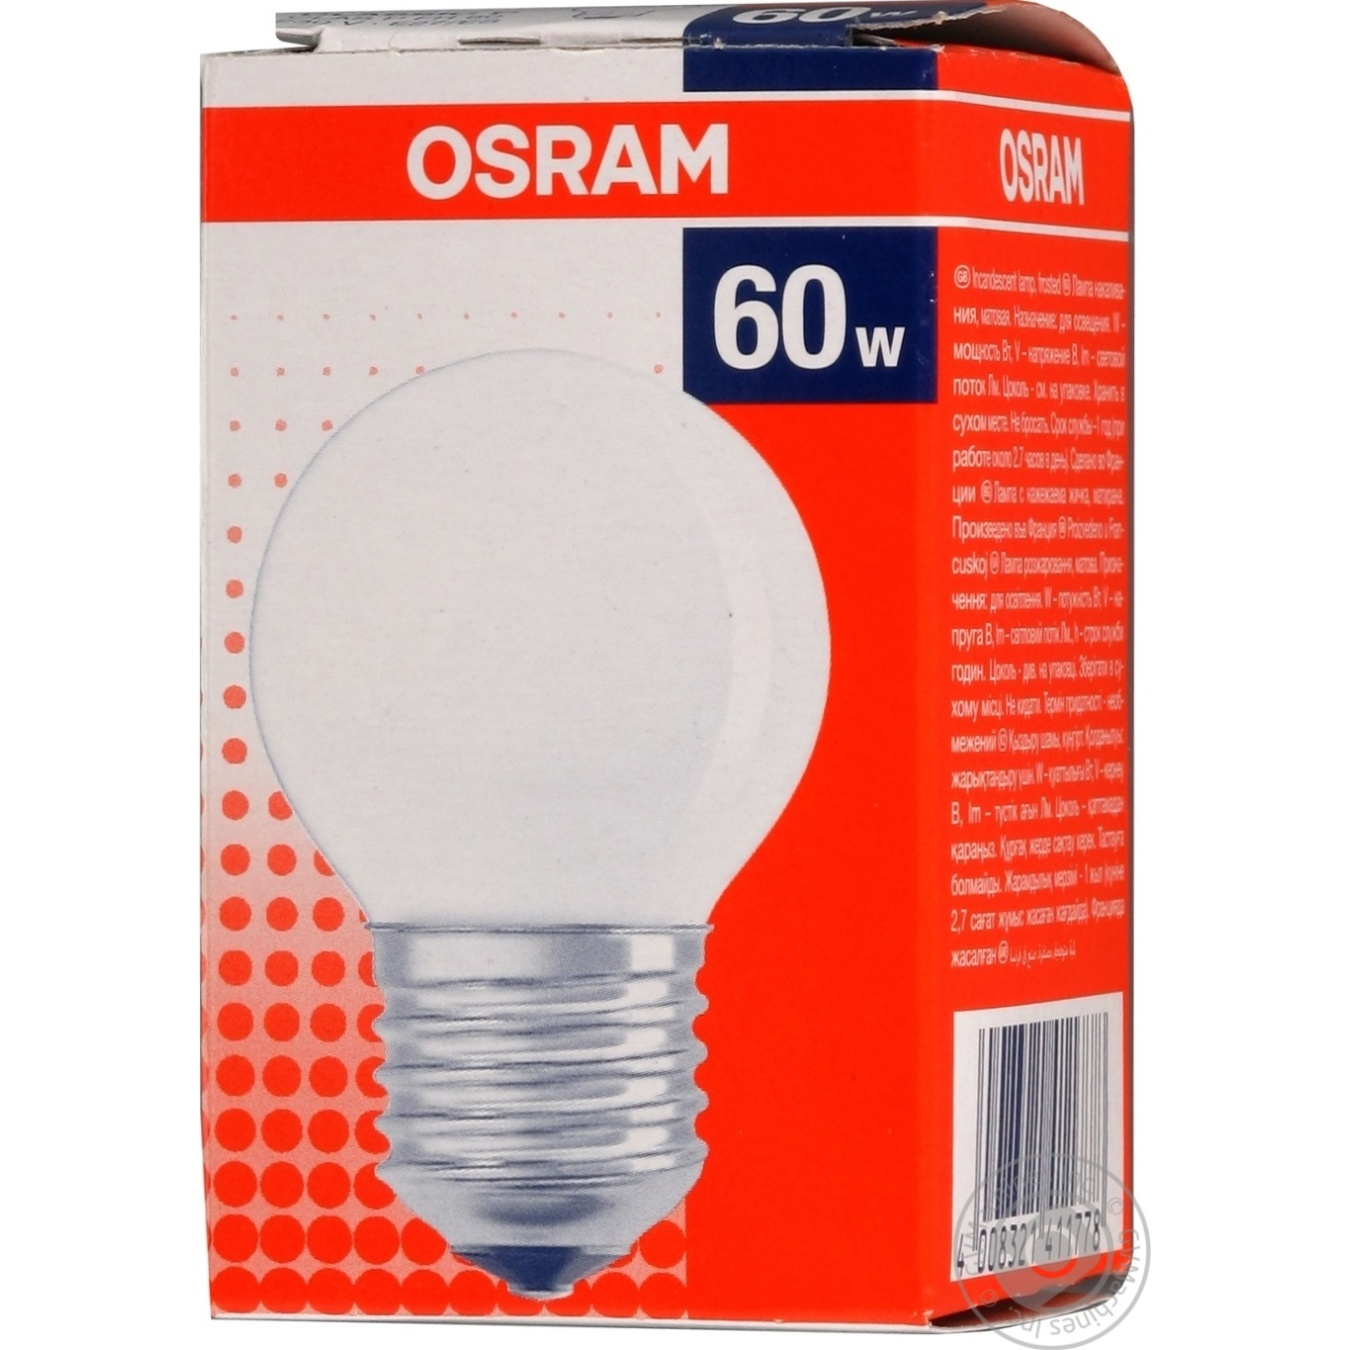 Лампа накаливания Osram матовая CL Р 60Bт E27